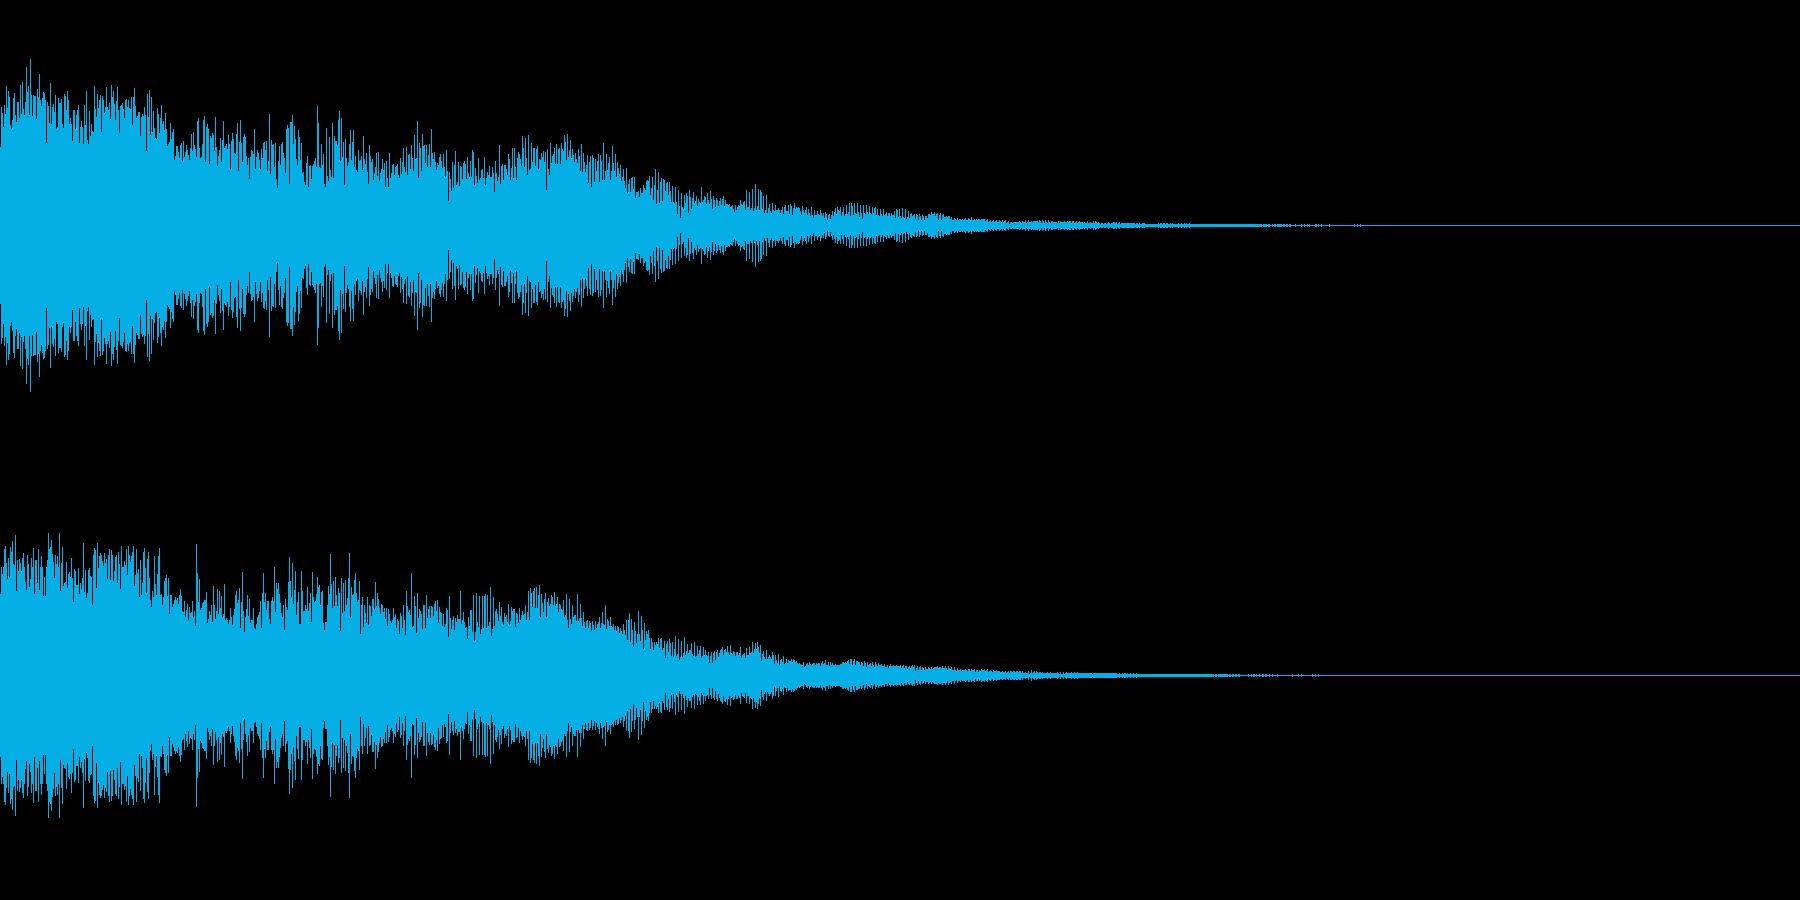 1つの動きで印象に残るOPタイトルの再生済みの波形